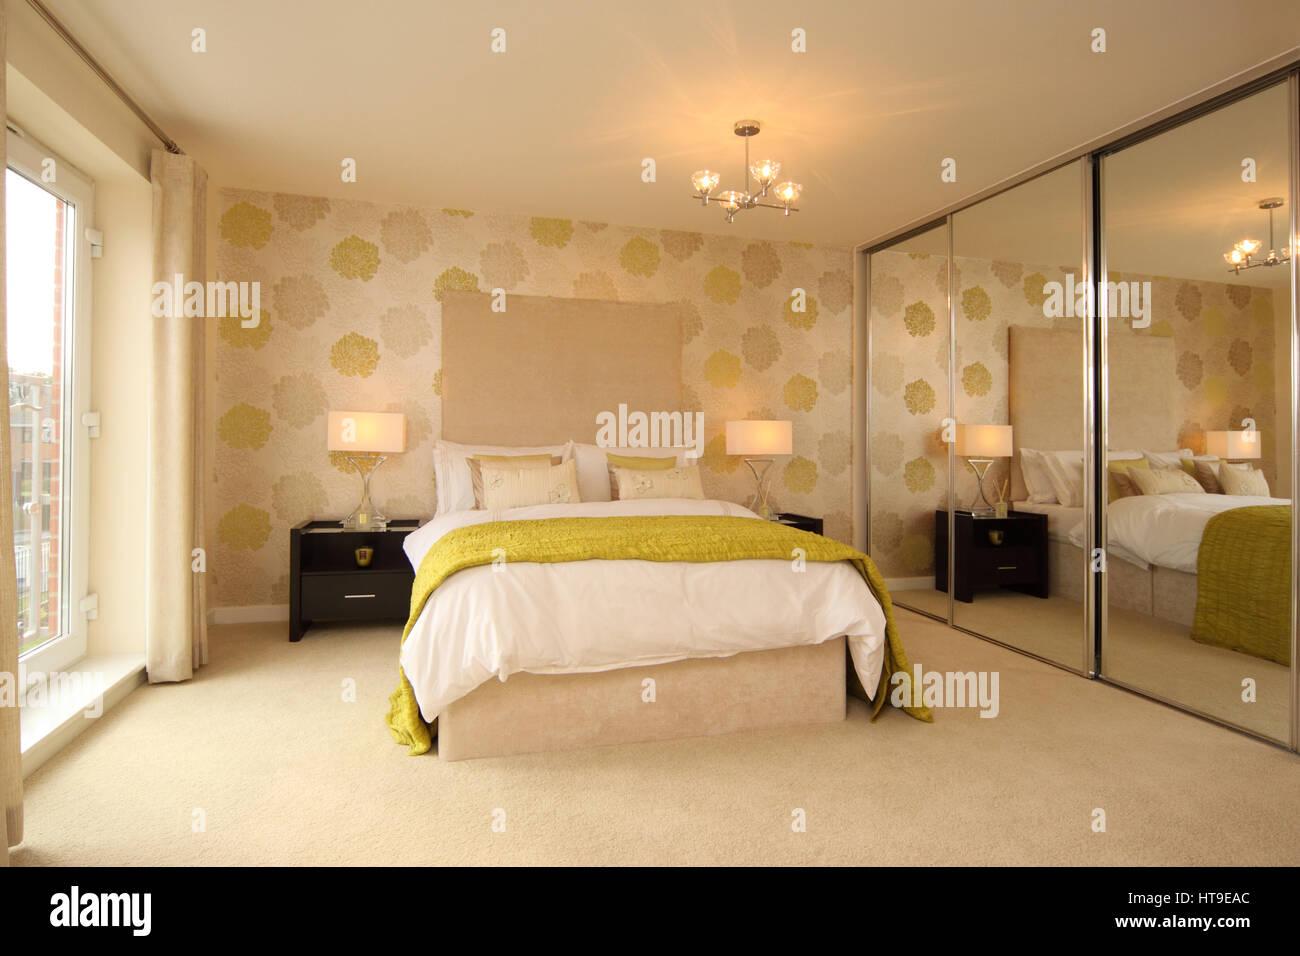 Home interni, camere da letto moderne, spaziose, armadio con specchi ...